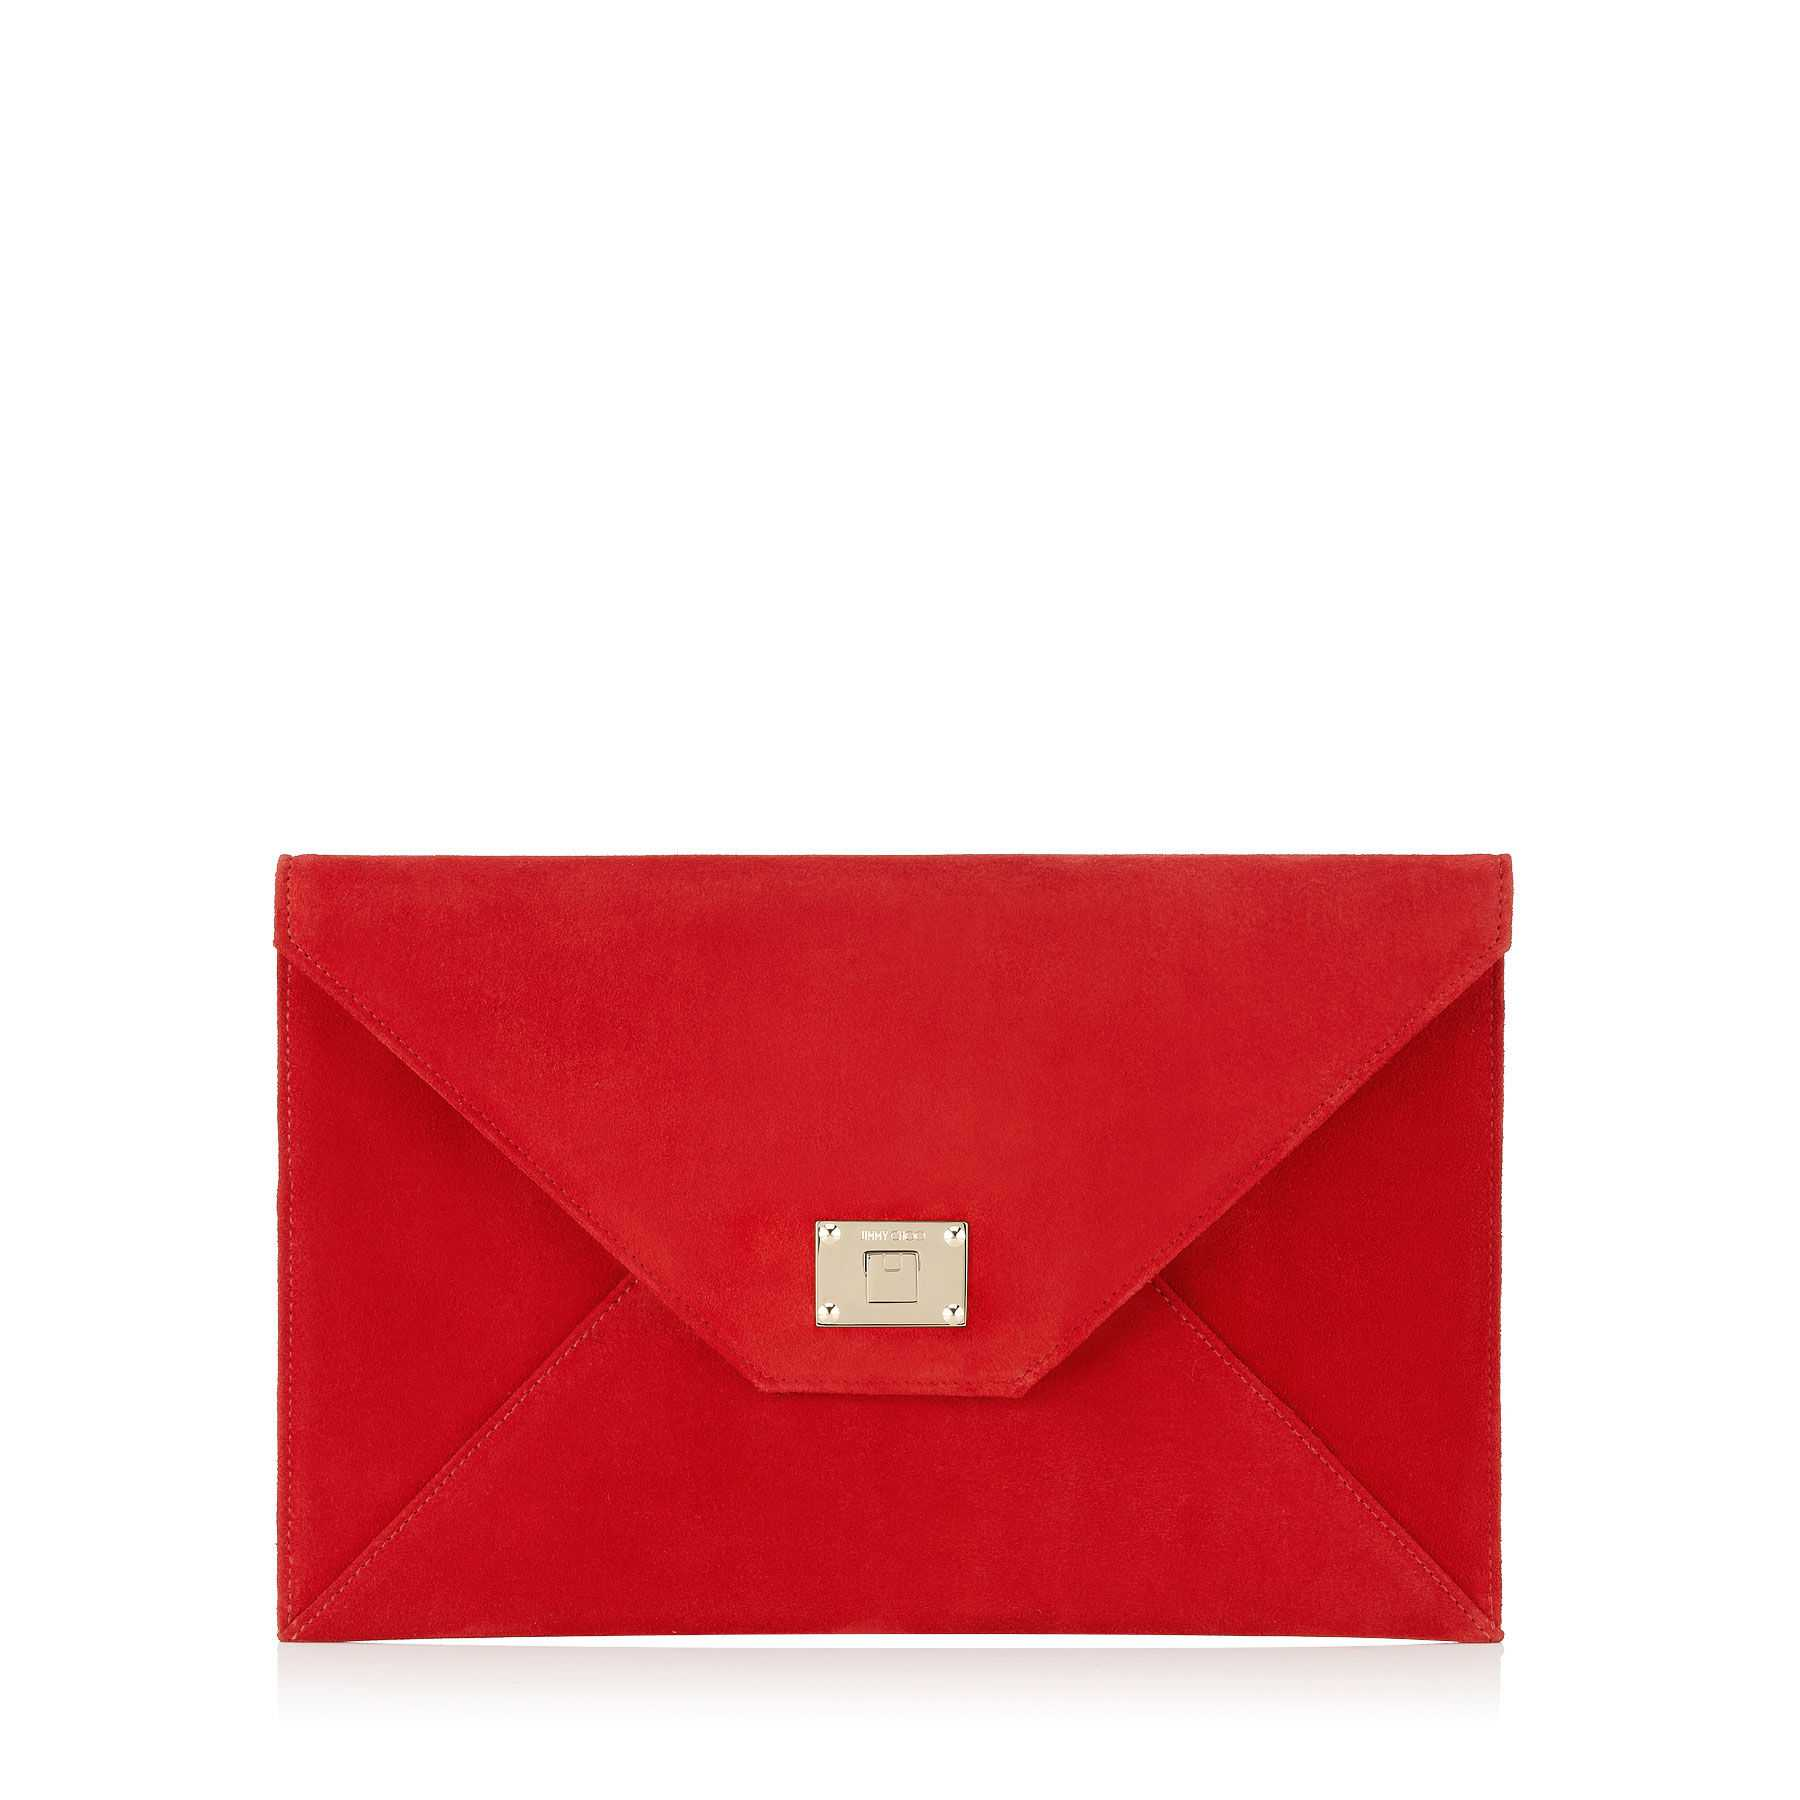 2020 Abiye Çanta Modelleri Kırmızı Jımmy Choo El Çantası